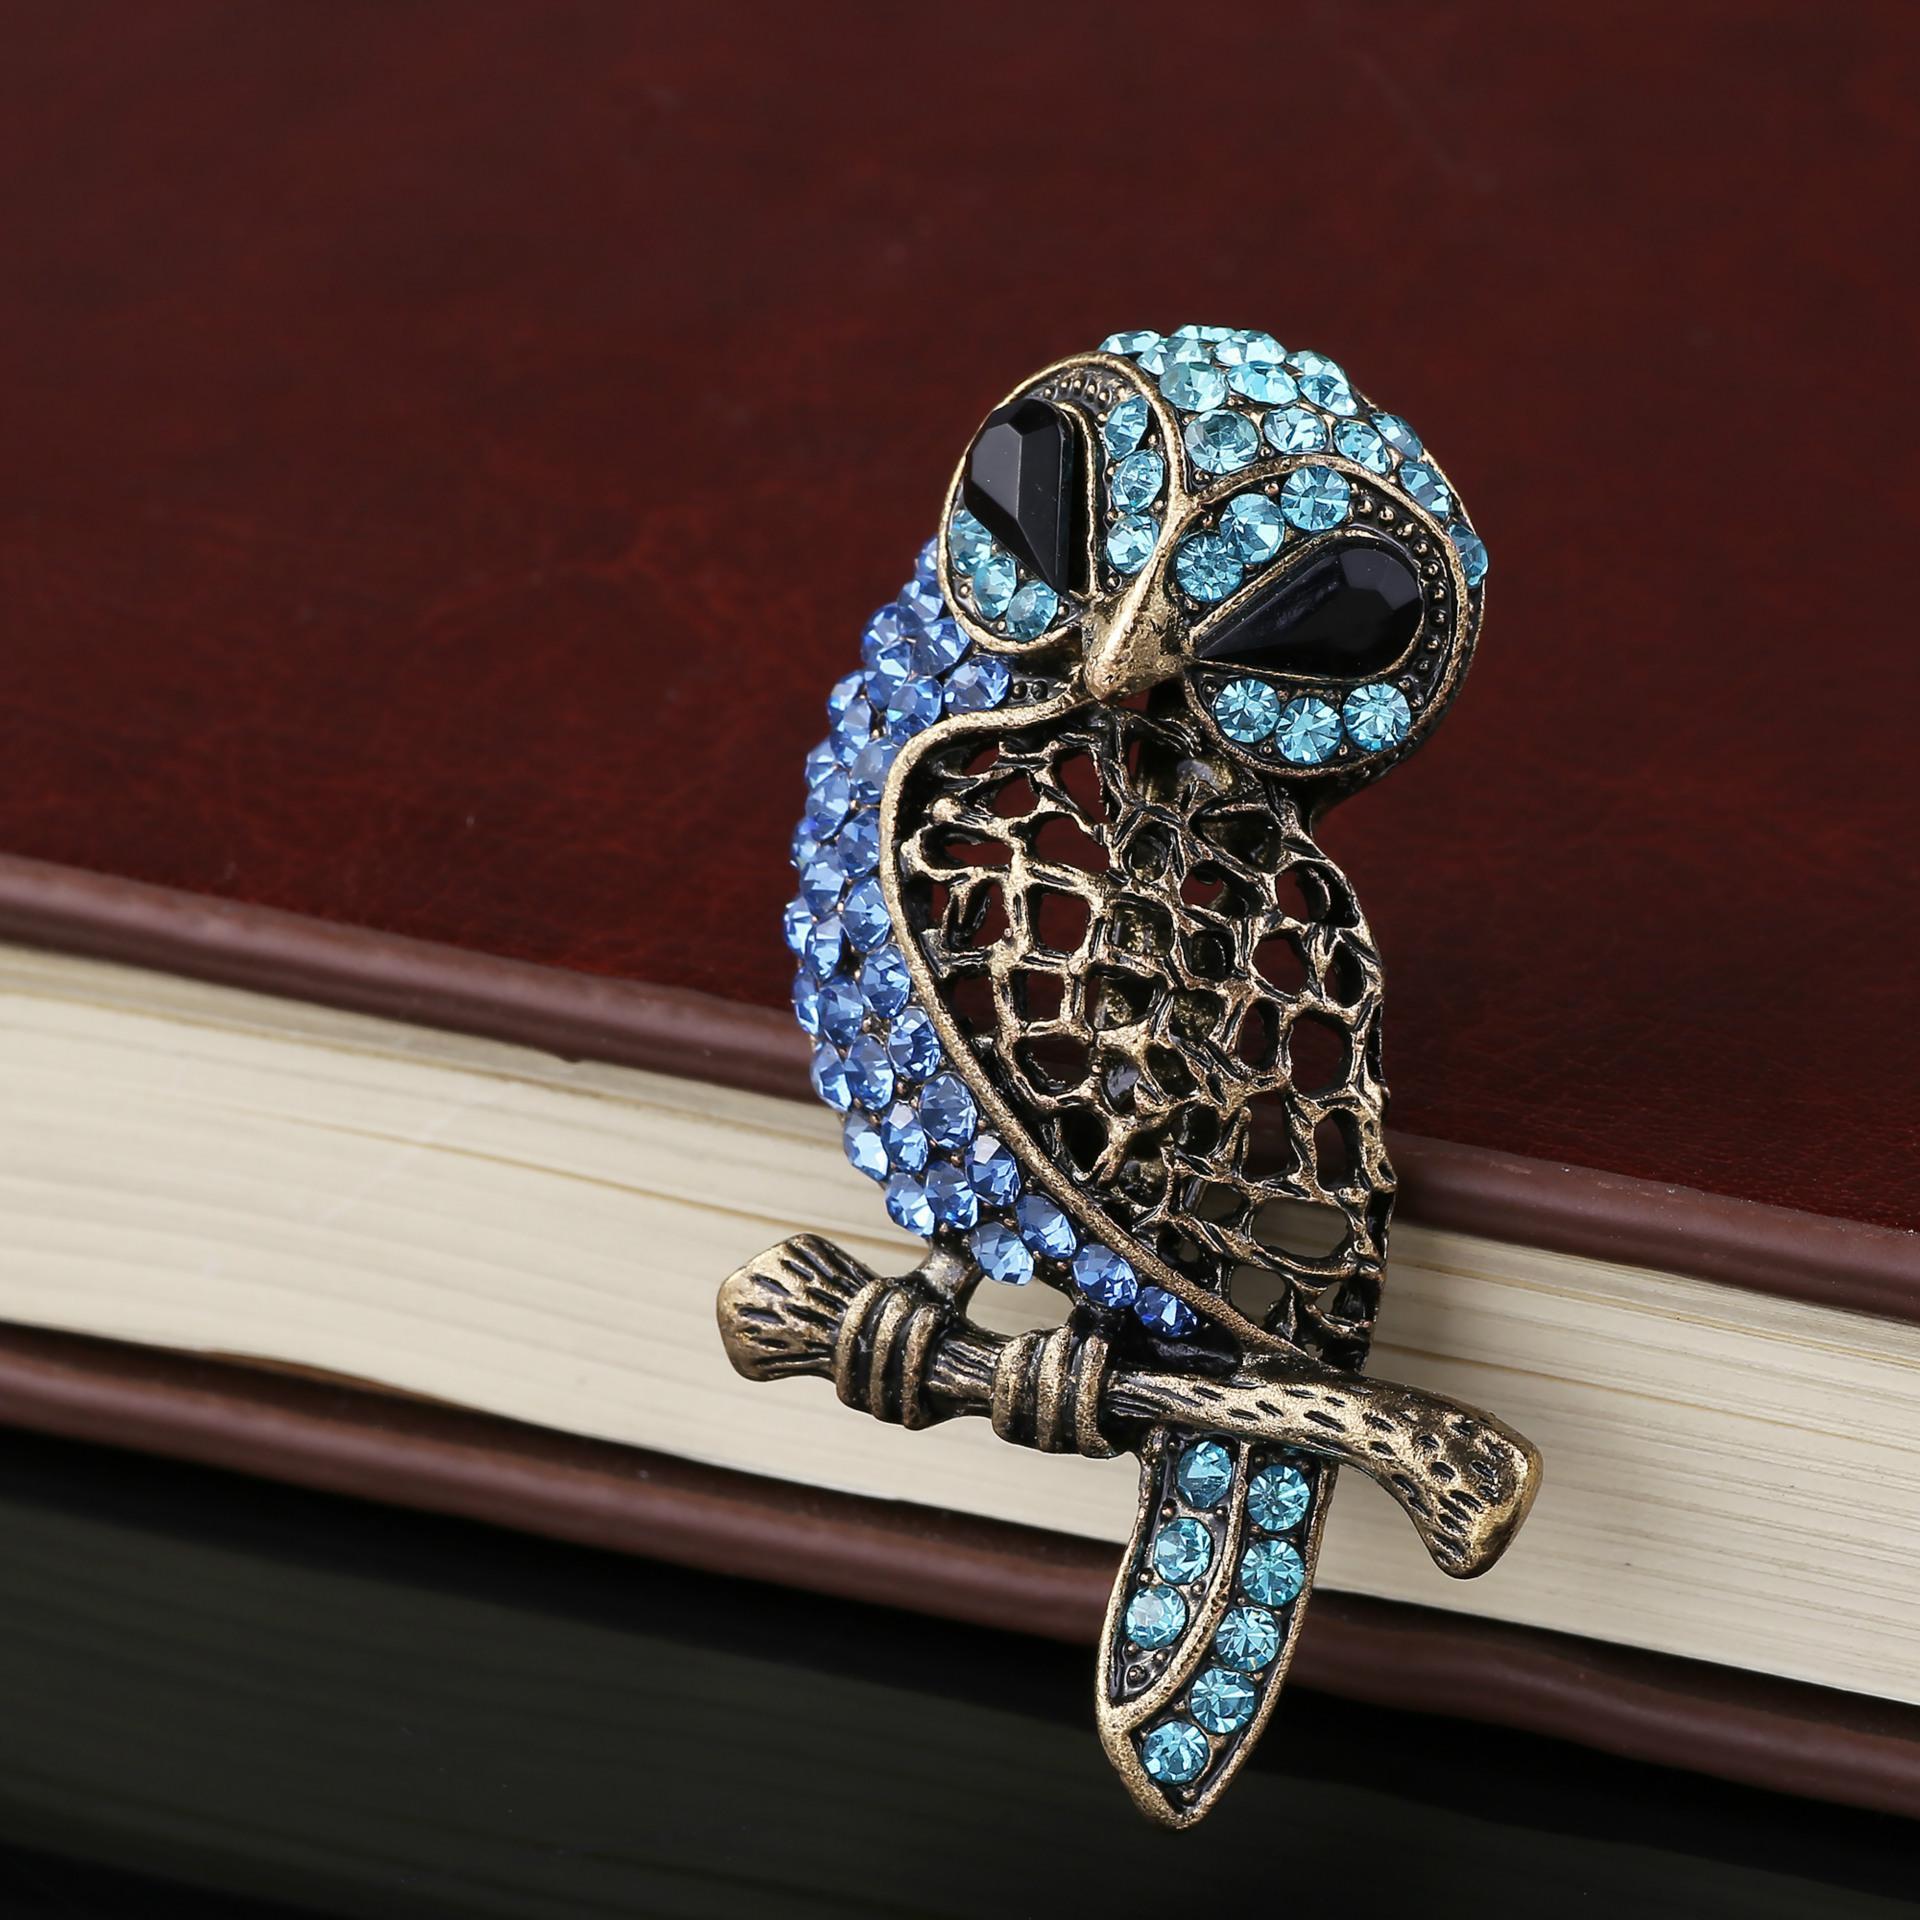 Pin de mama broche del buho cristalino de la vendimia diamante Broochpin de la joyería del partido